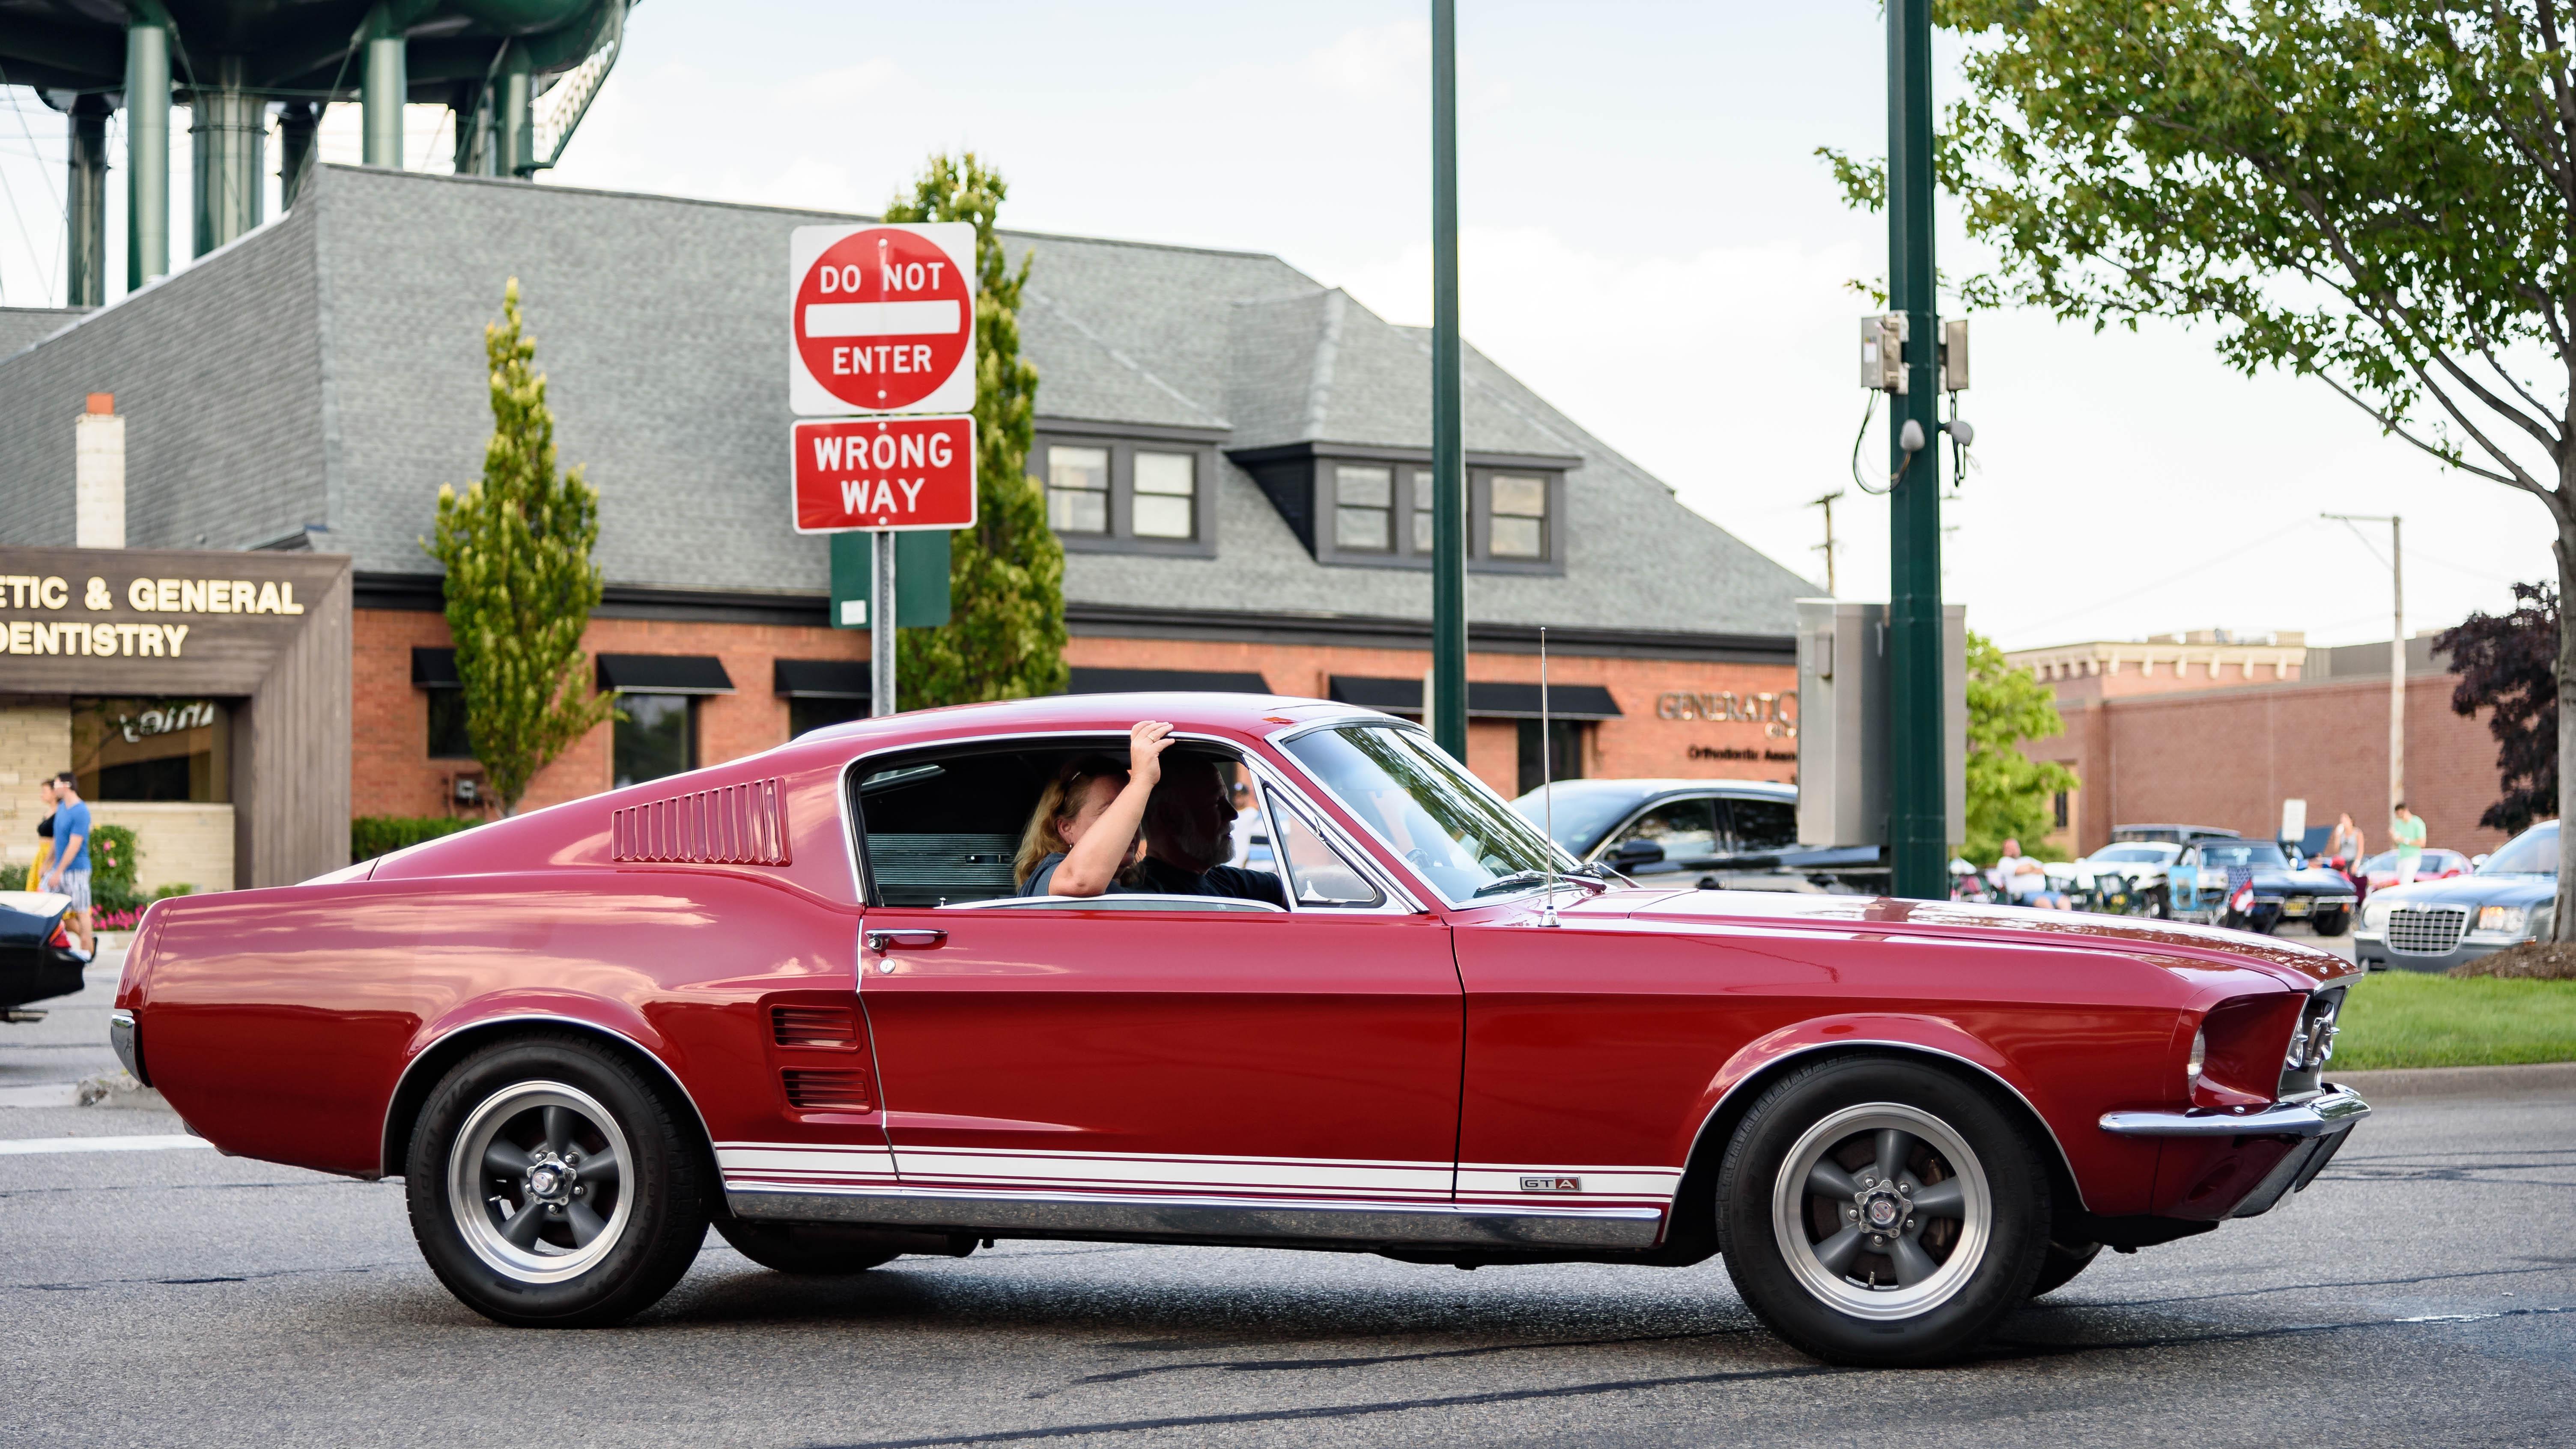 1967 Ford Mustang GTA, 2015, Nikon, Vehicle, Us, HQ Photo